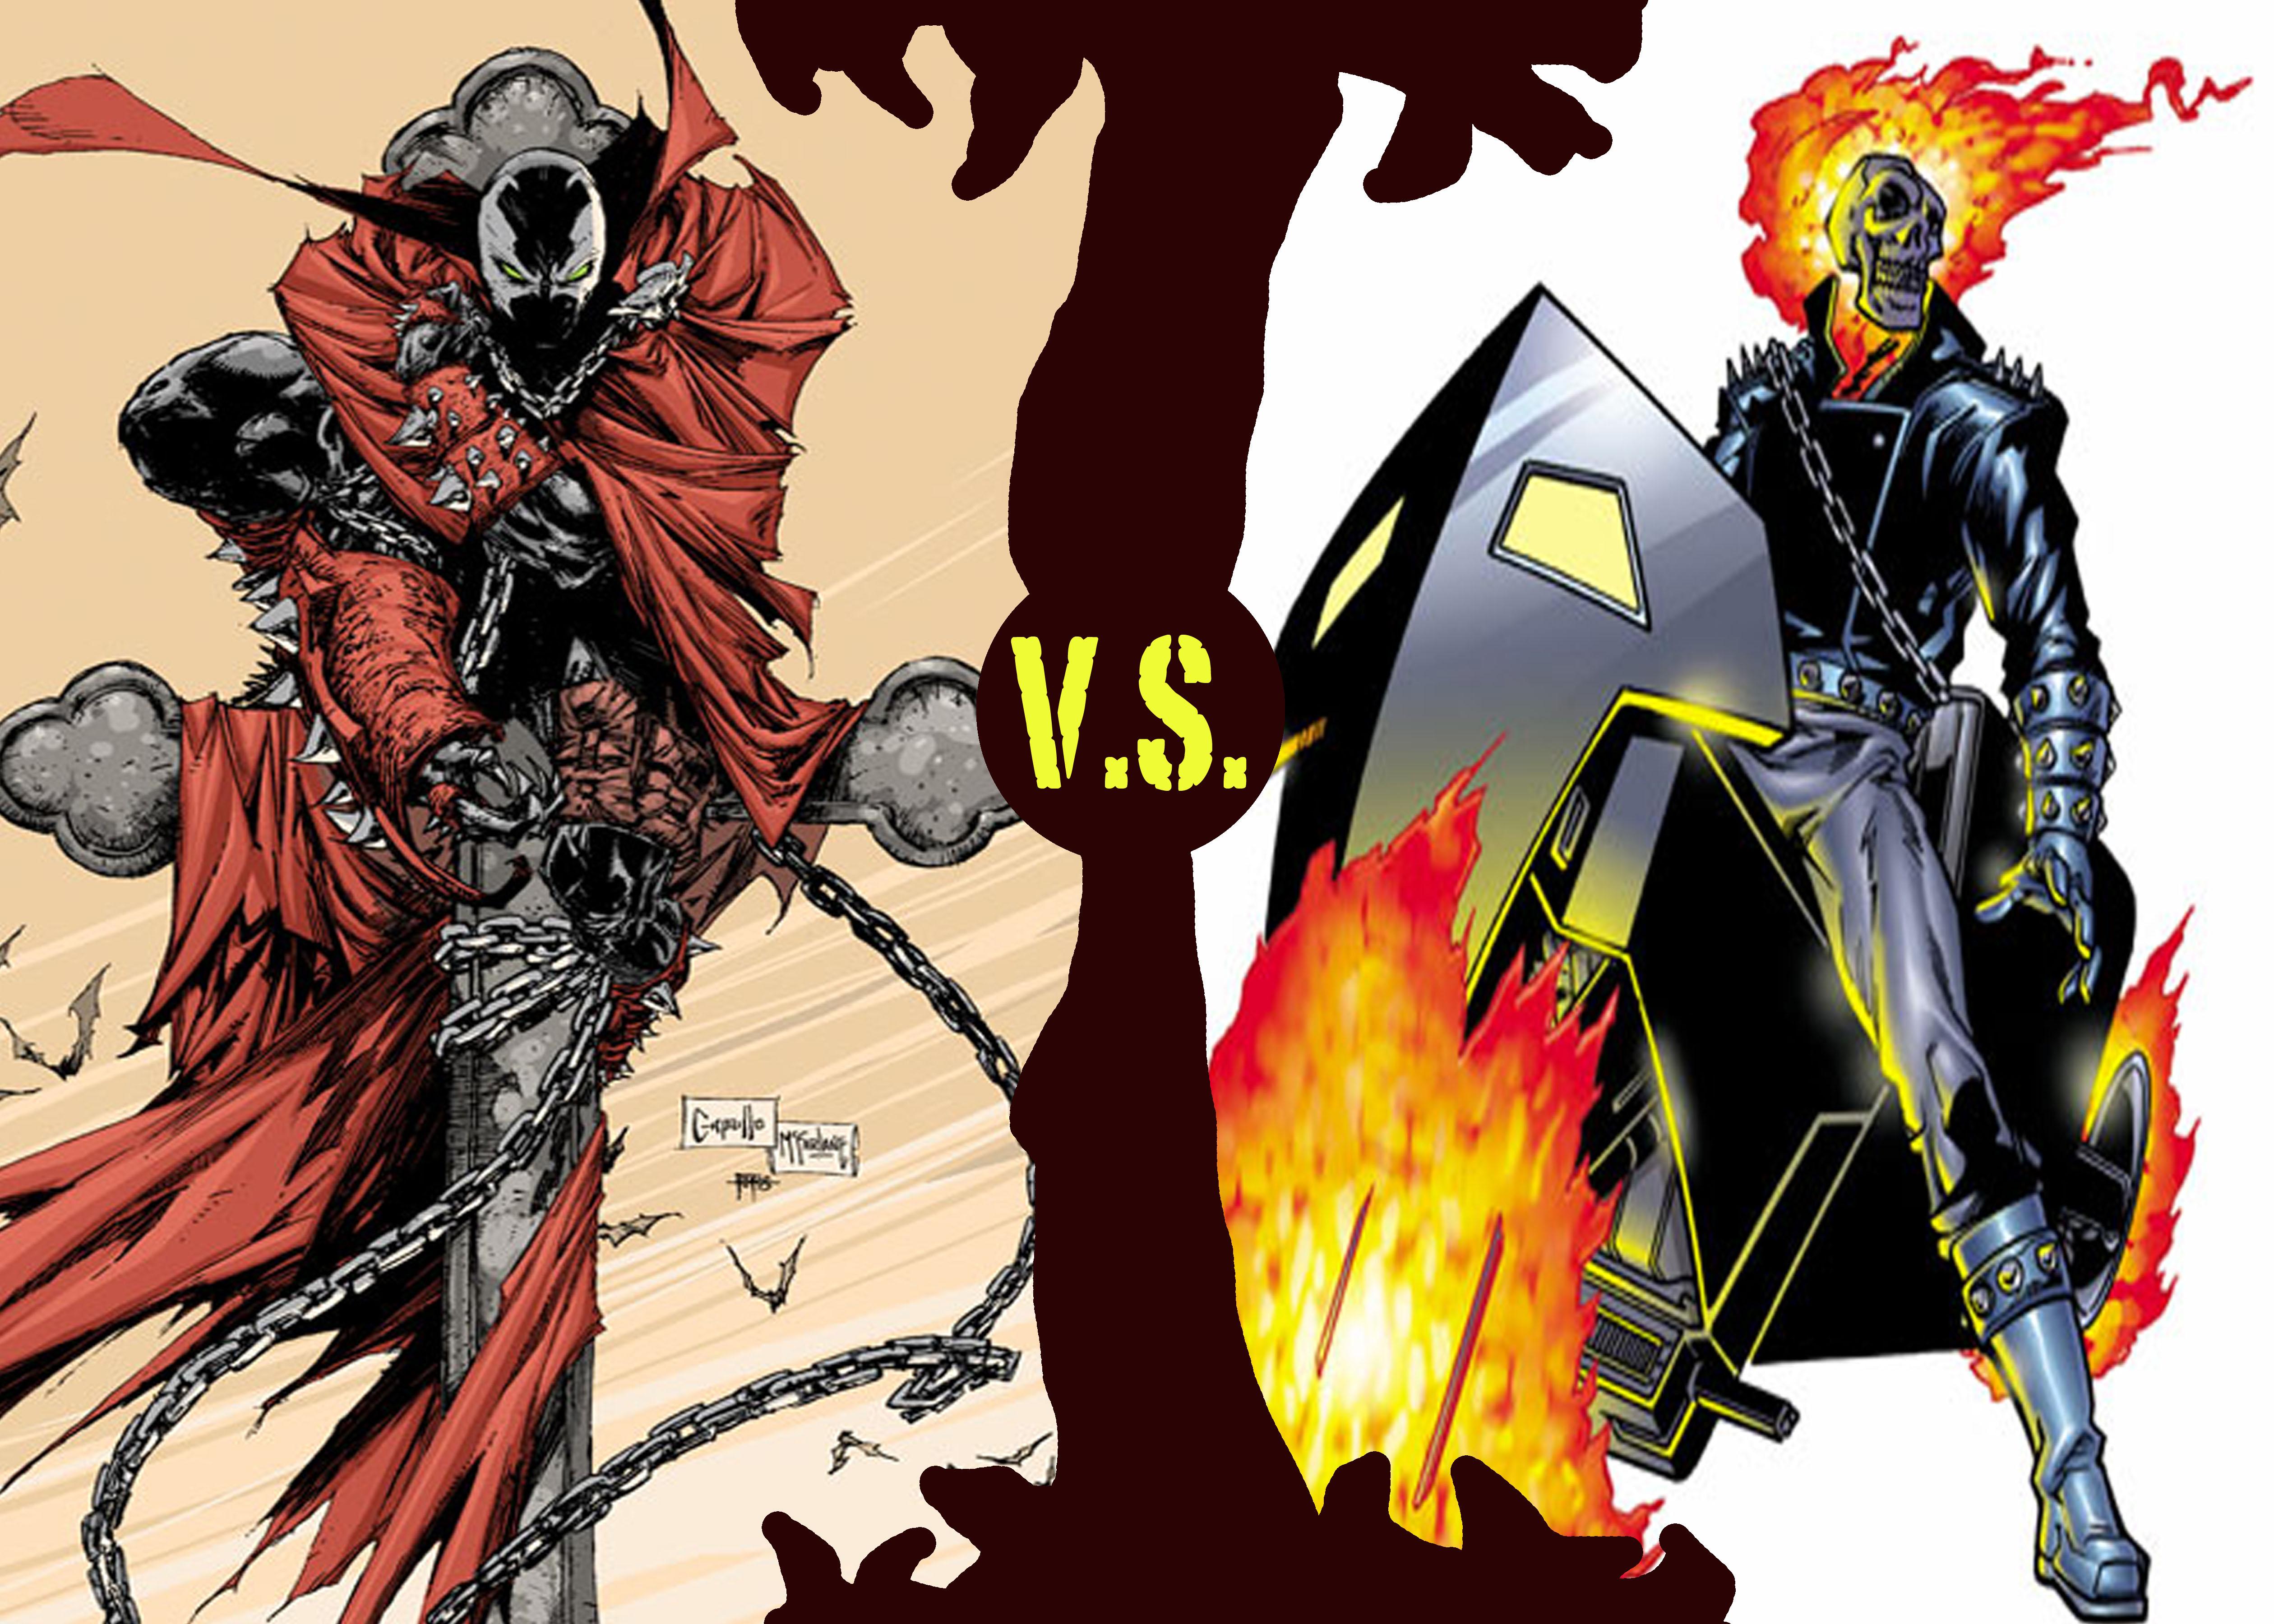 taokaka vs ghost rider - photo #24